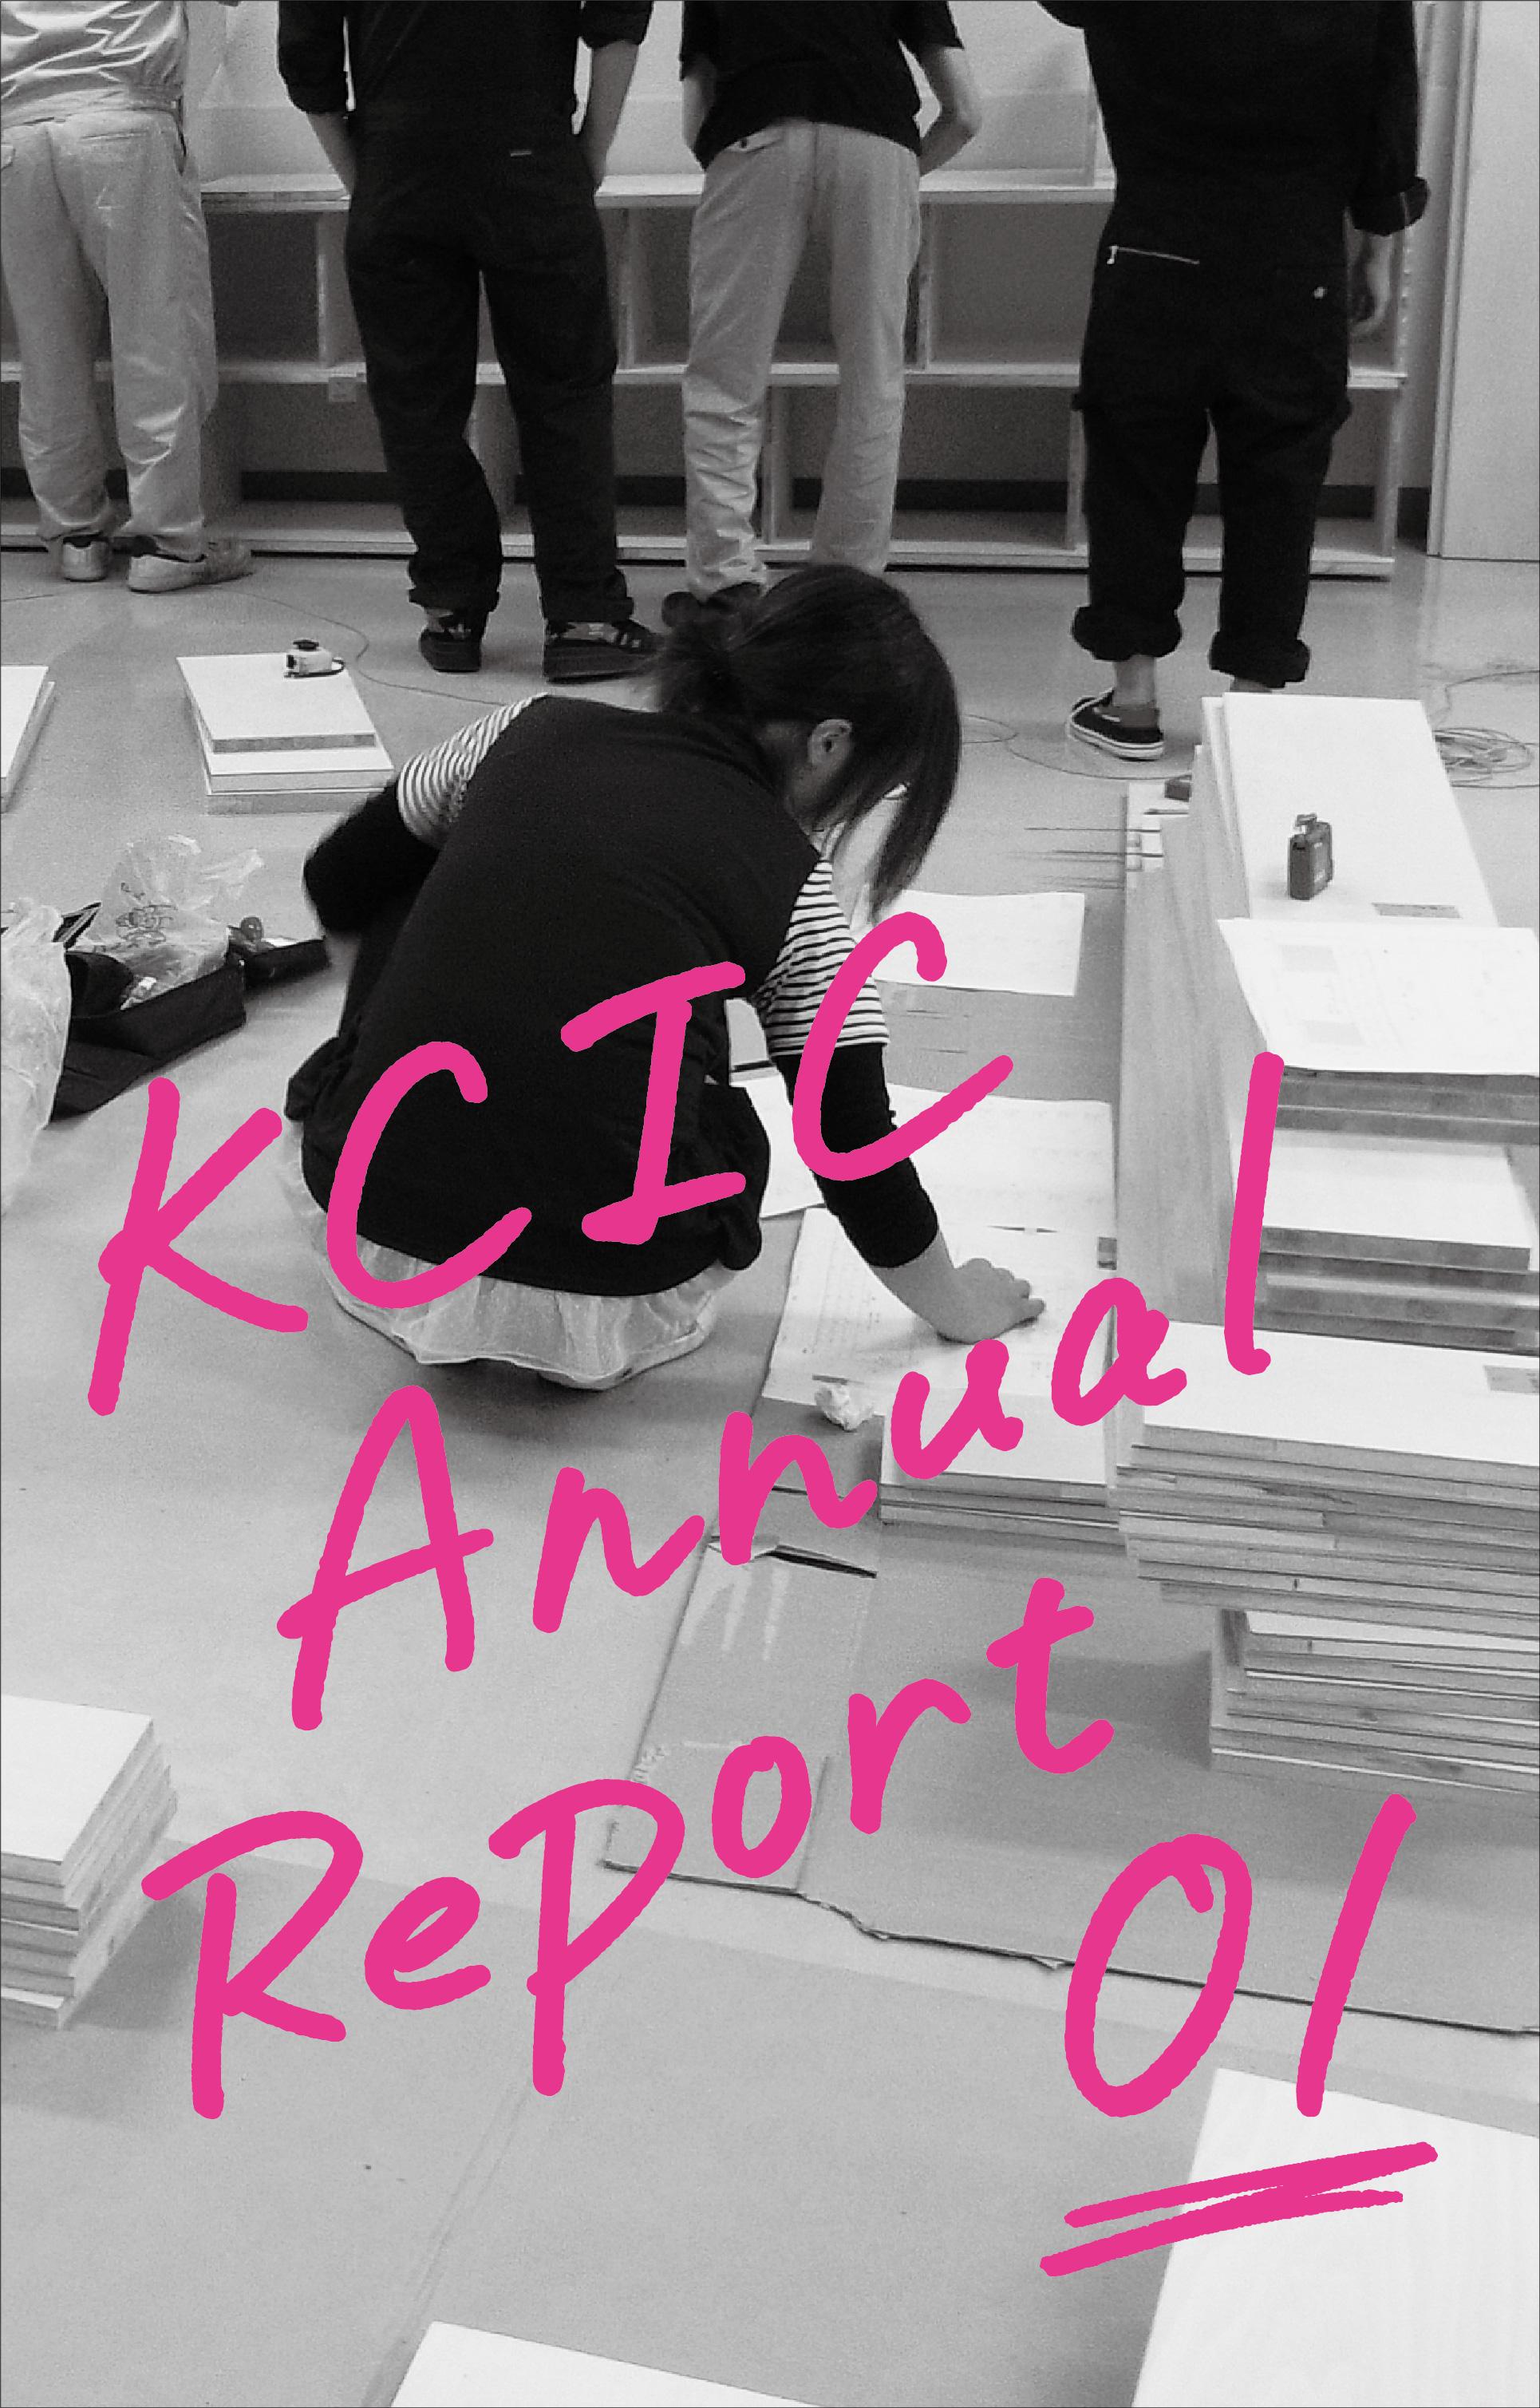 【公開中】KCIC アニュアル レポート 01